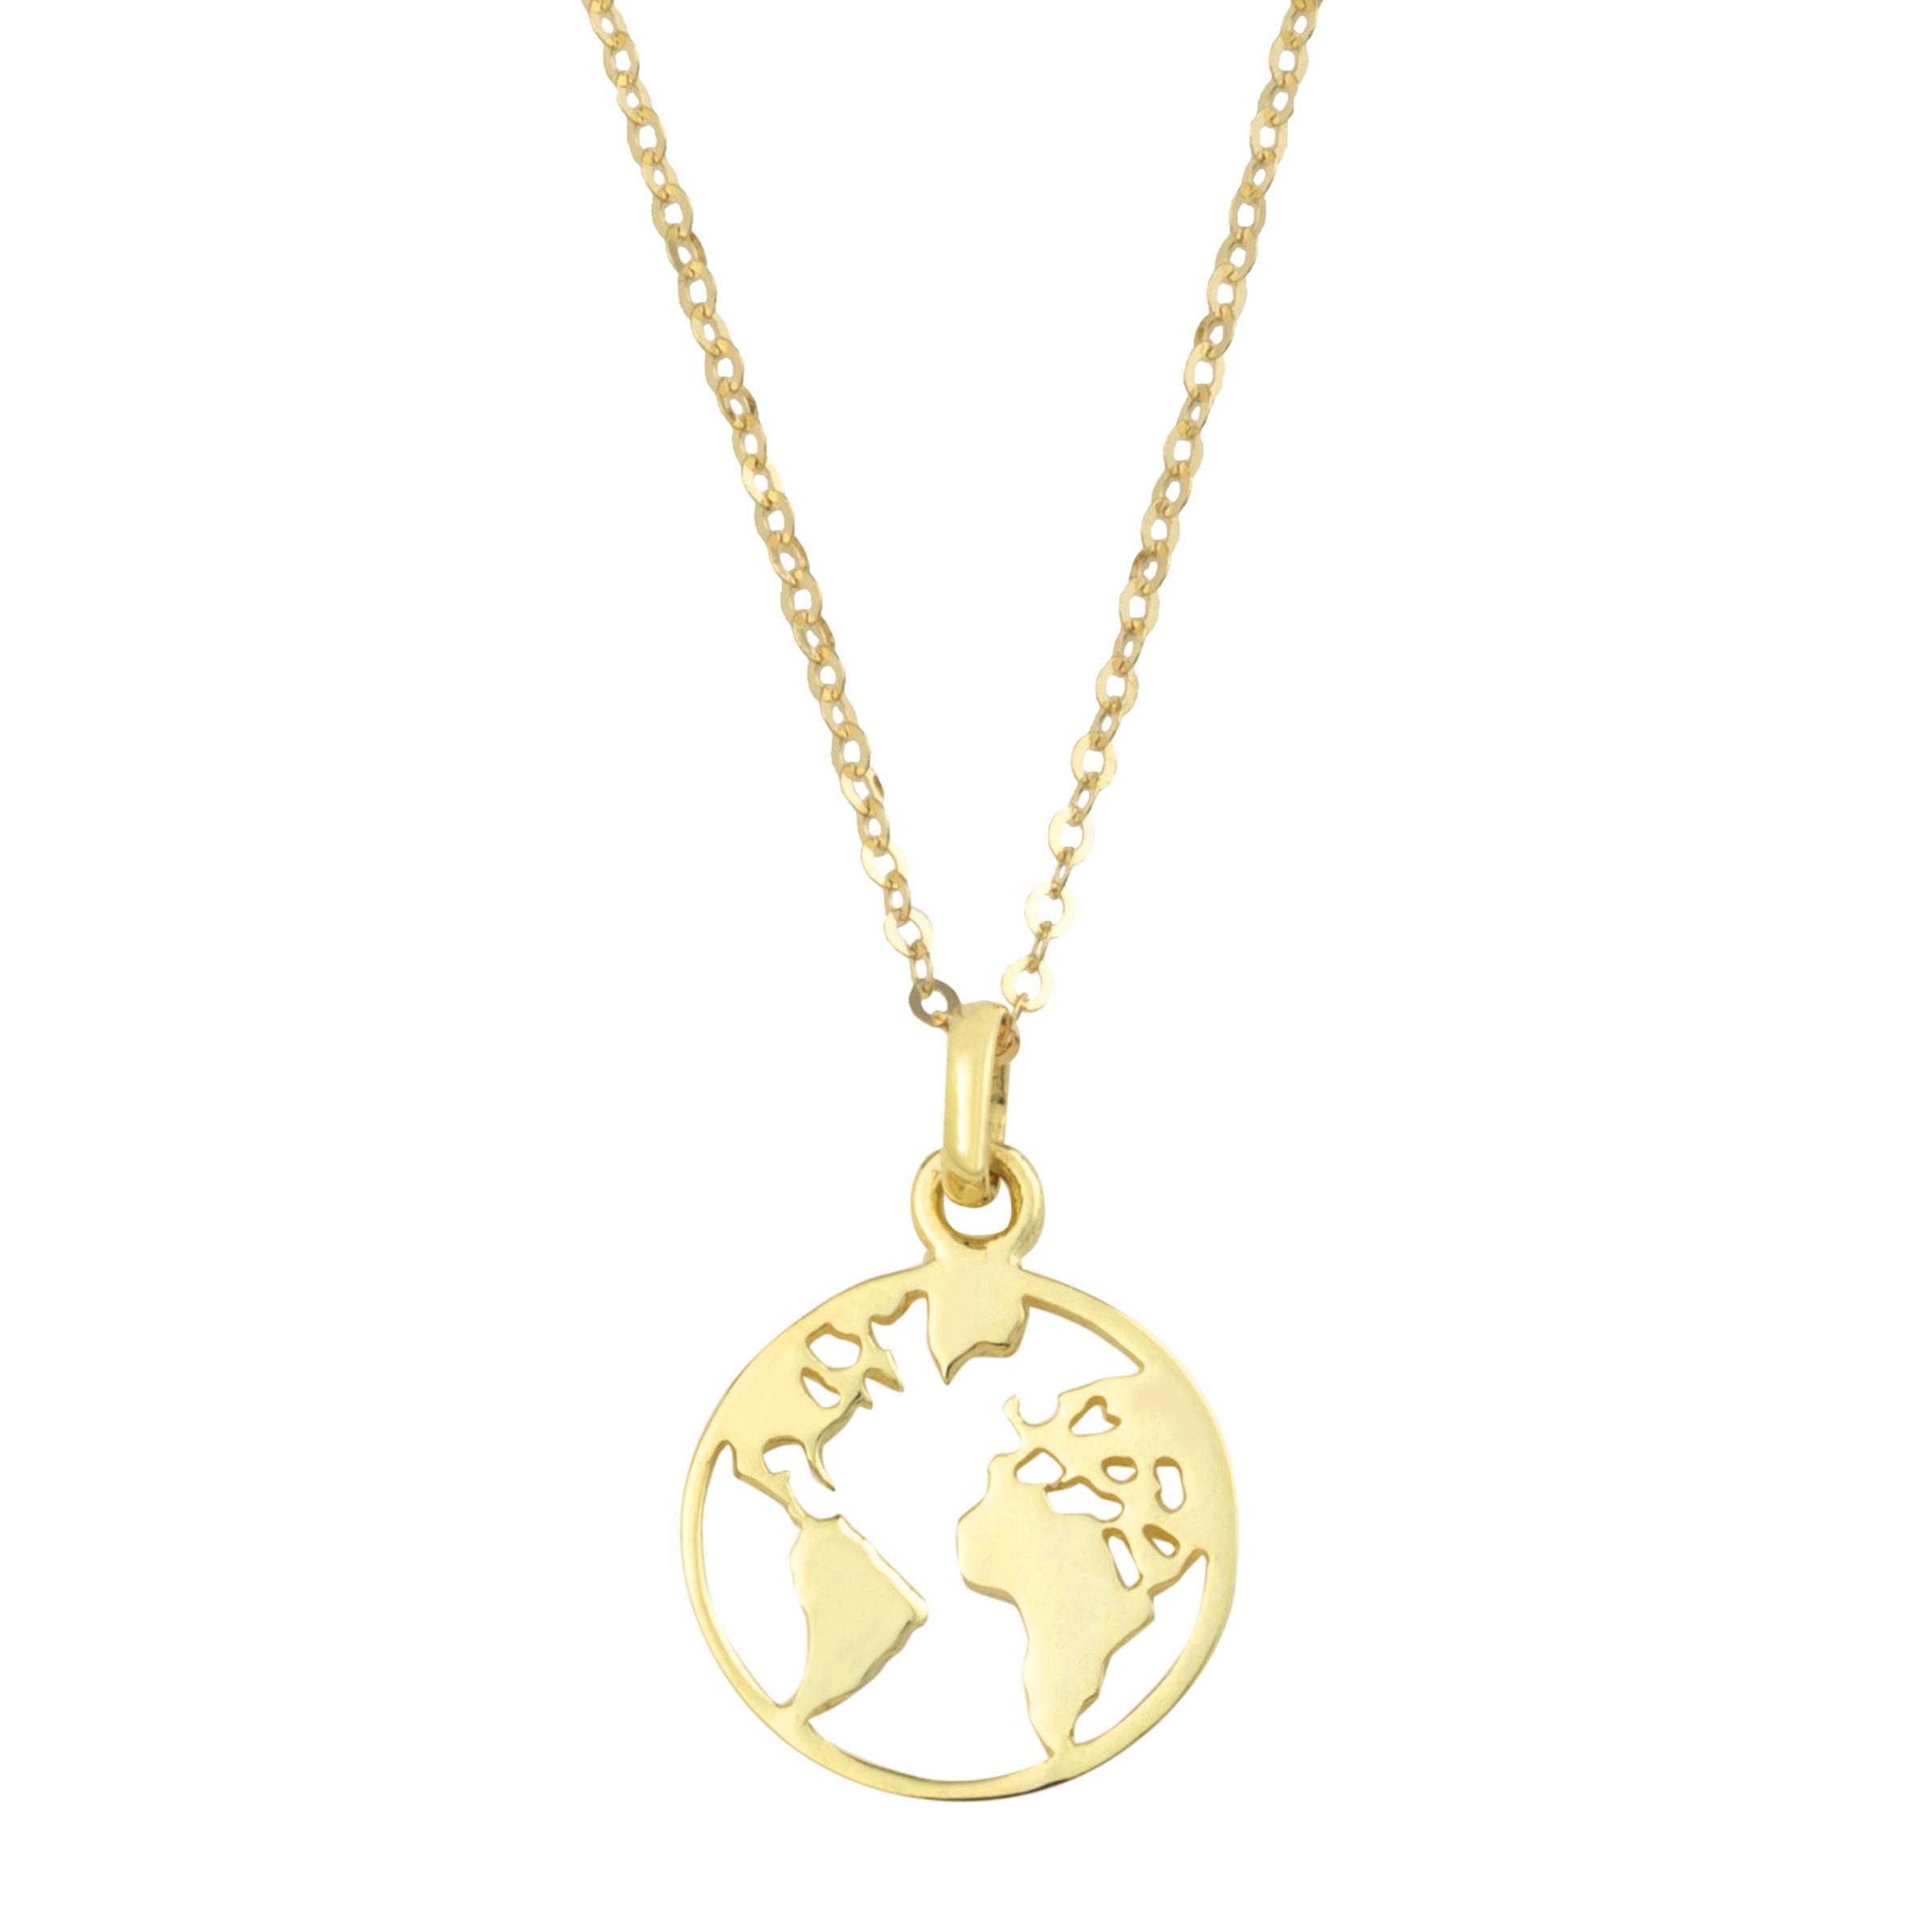 Kette mit Anhänger für Damen, Gold 375, Weltkugel